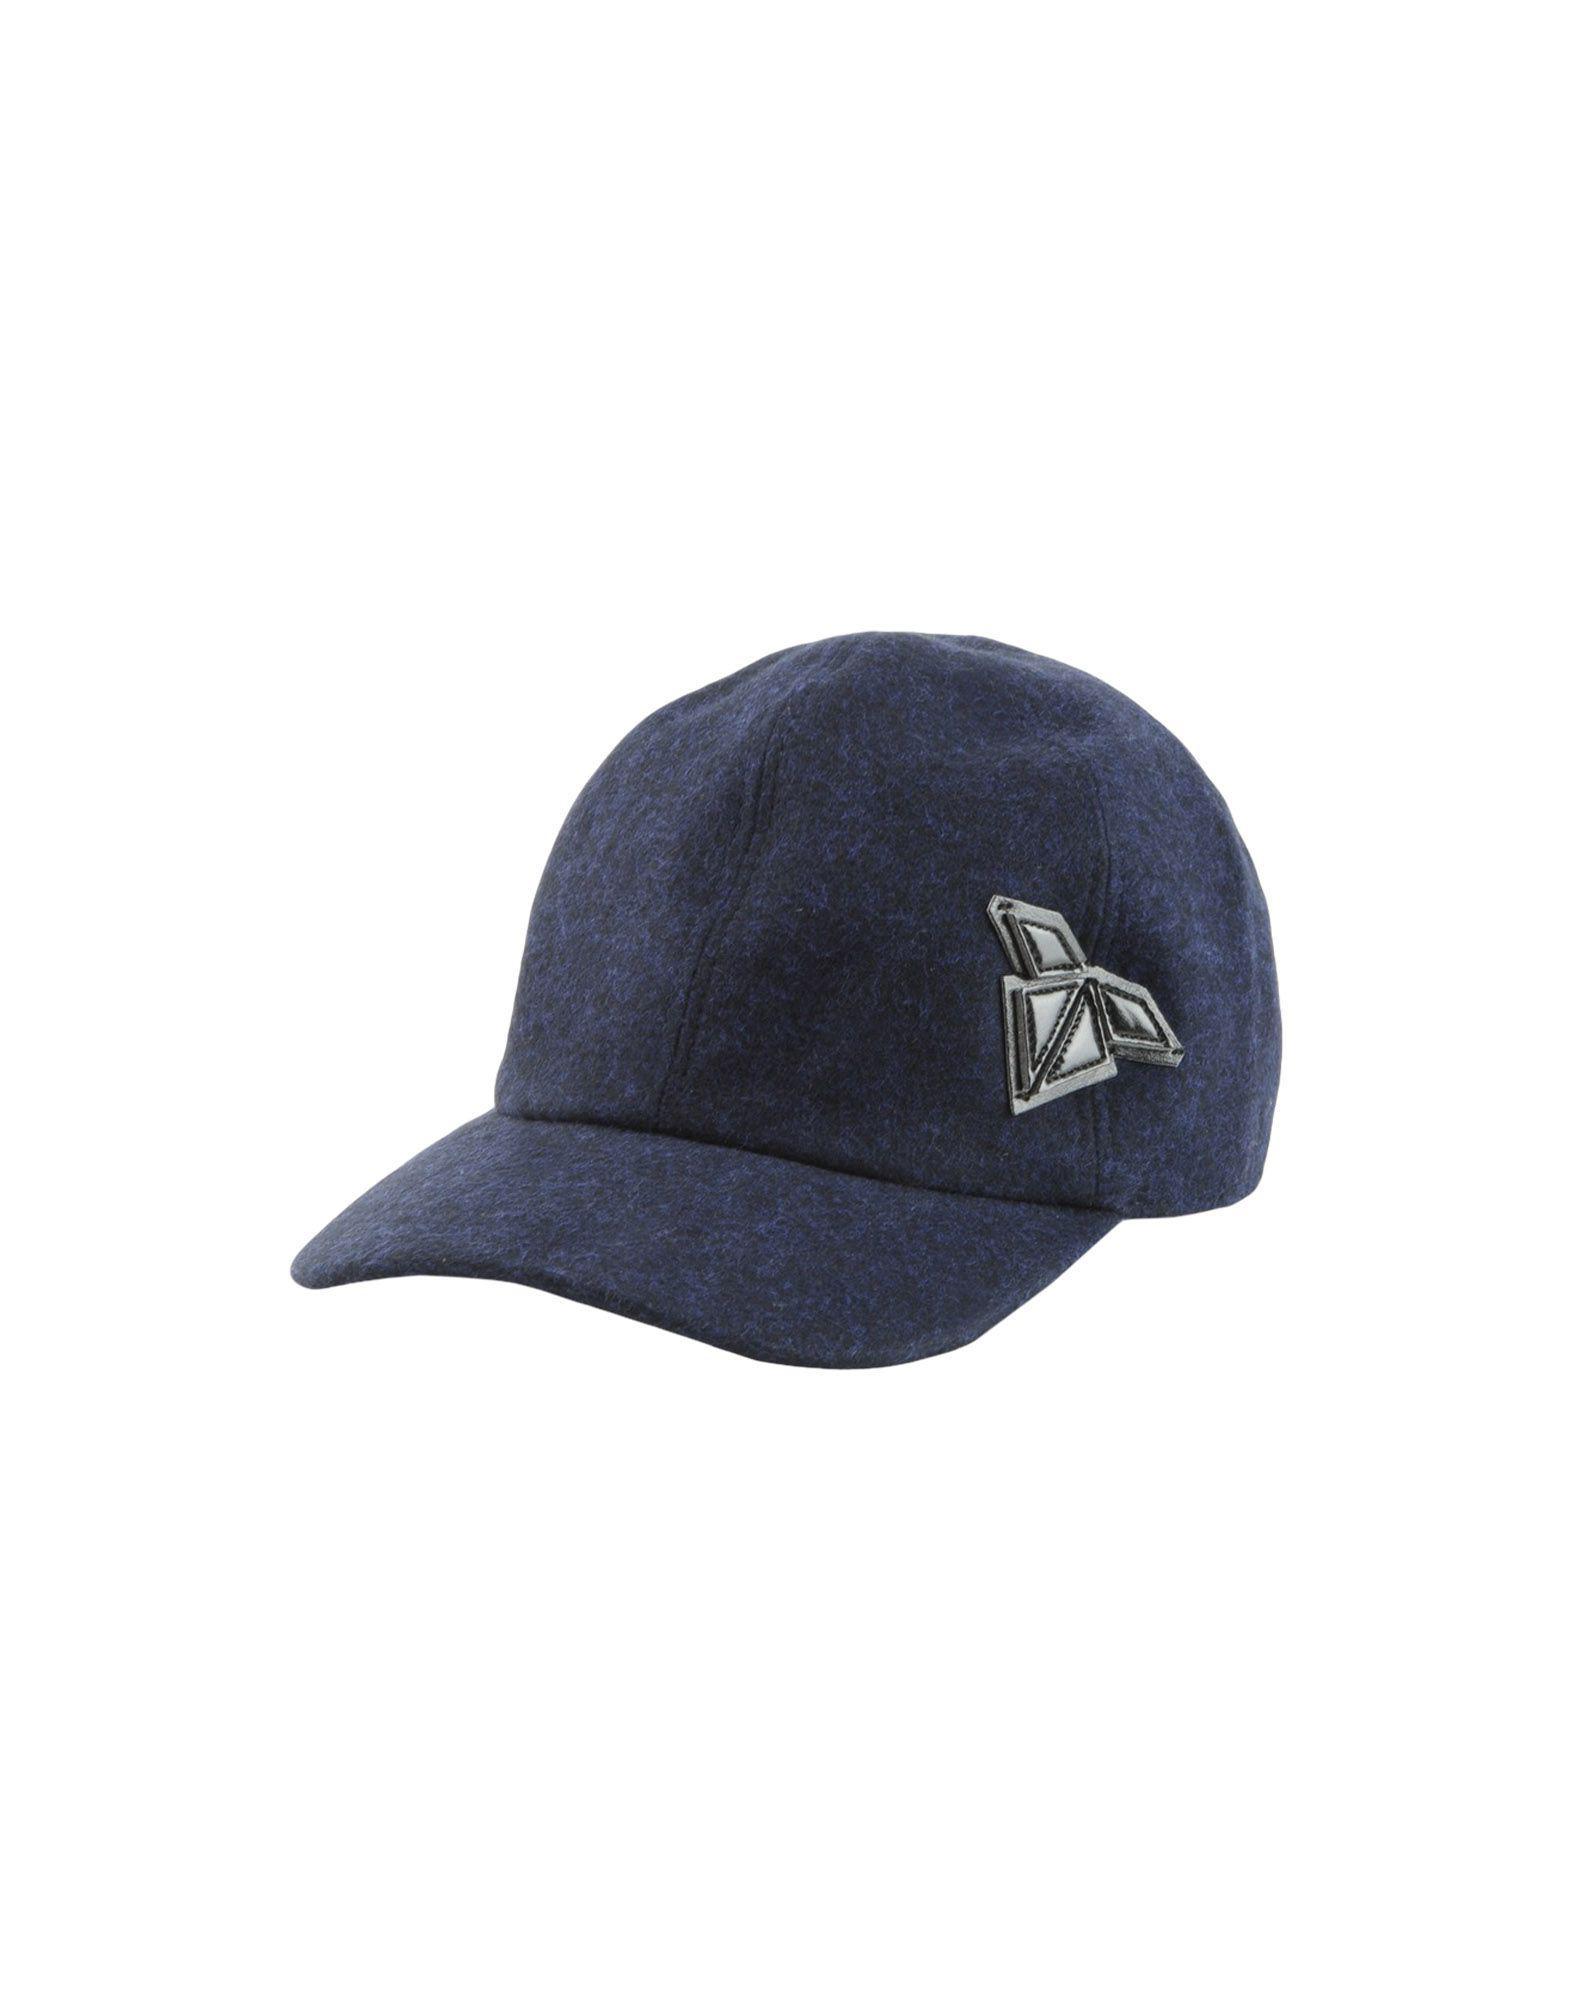 ad2e4b94cb3 Emporio Armani Hat in Blue for Men - Lyst